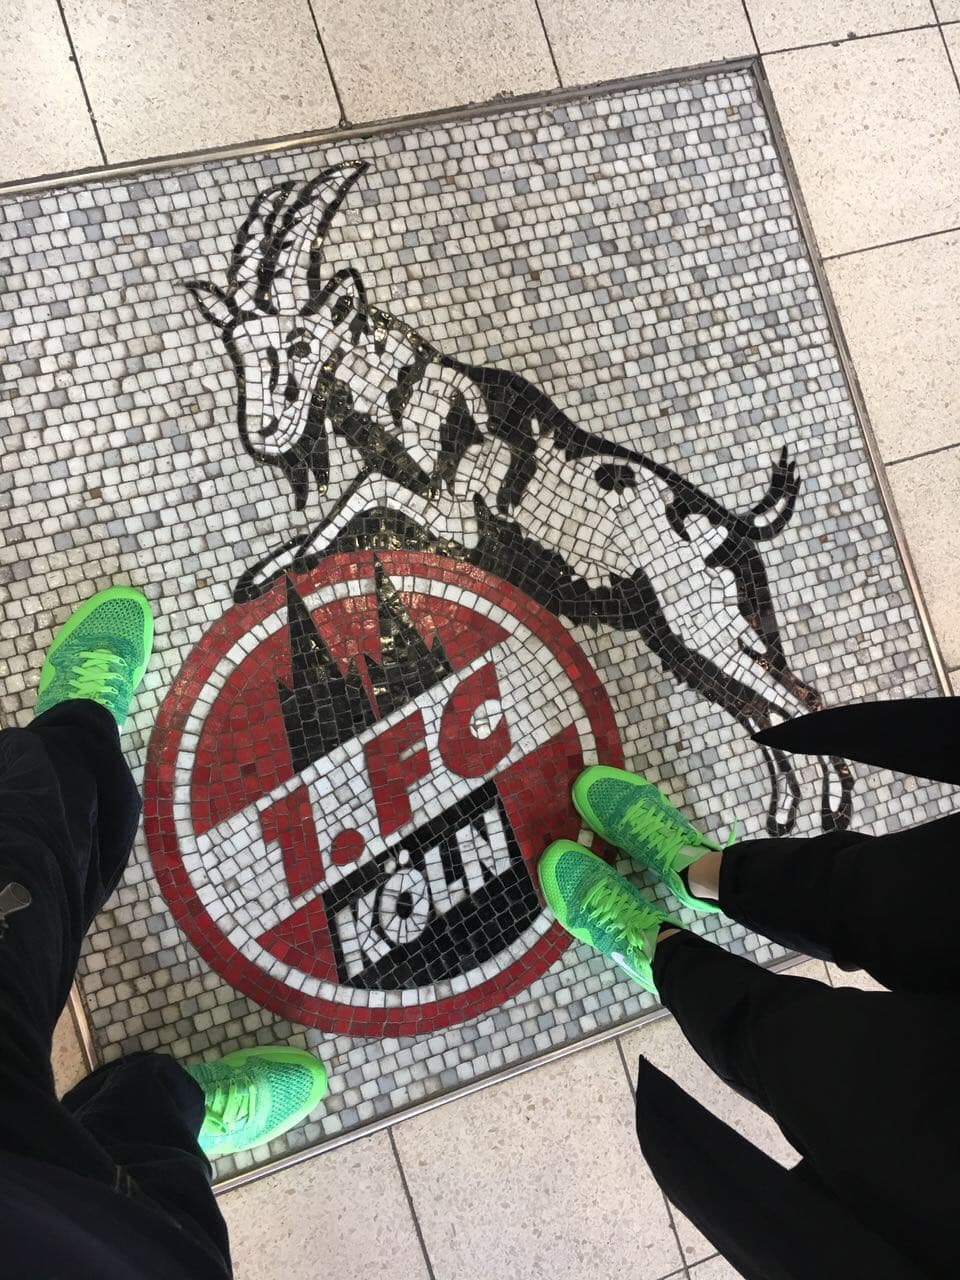 Schuhe auf Boden mit 1.FC Köln Logo